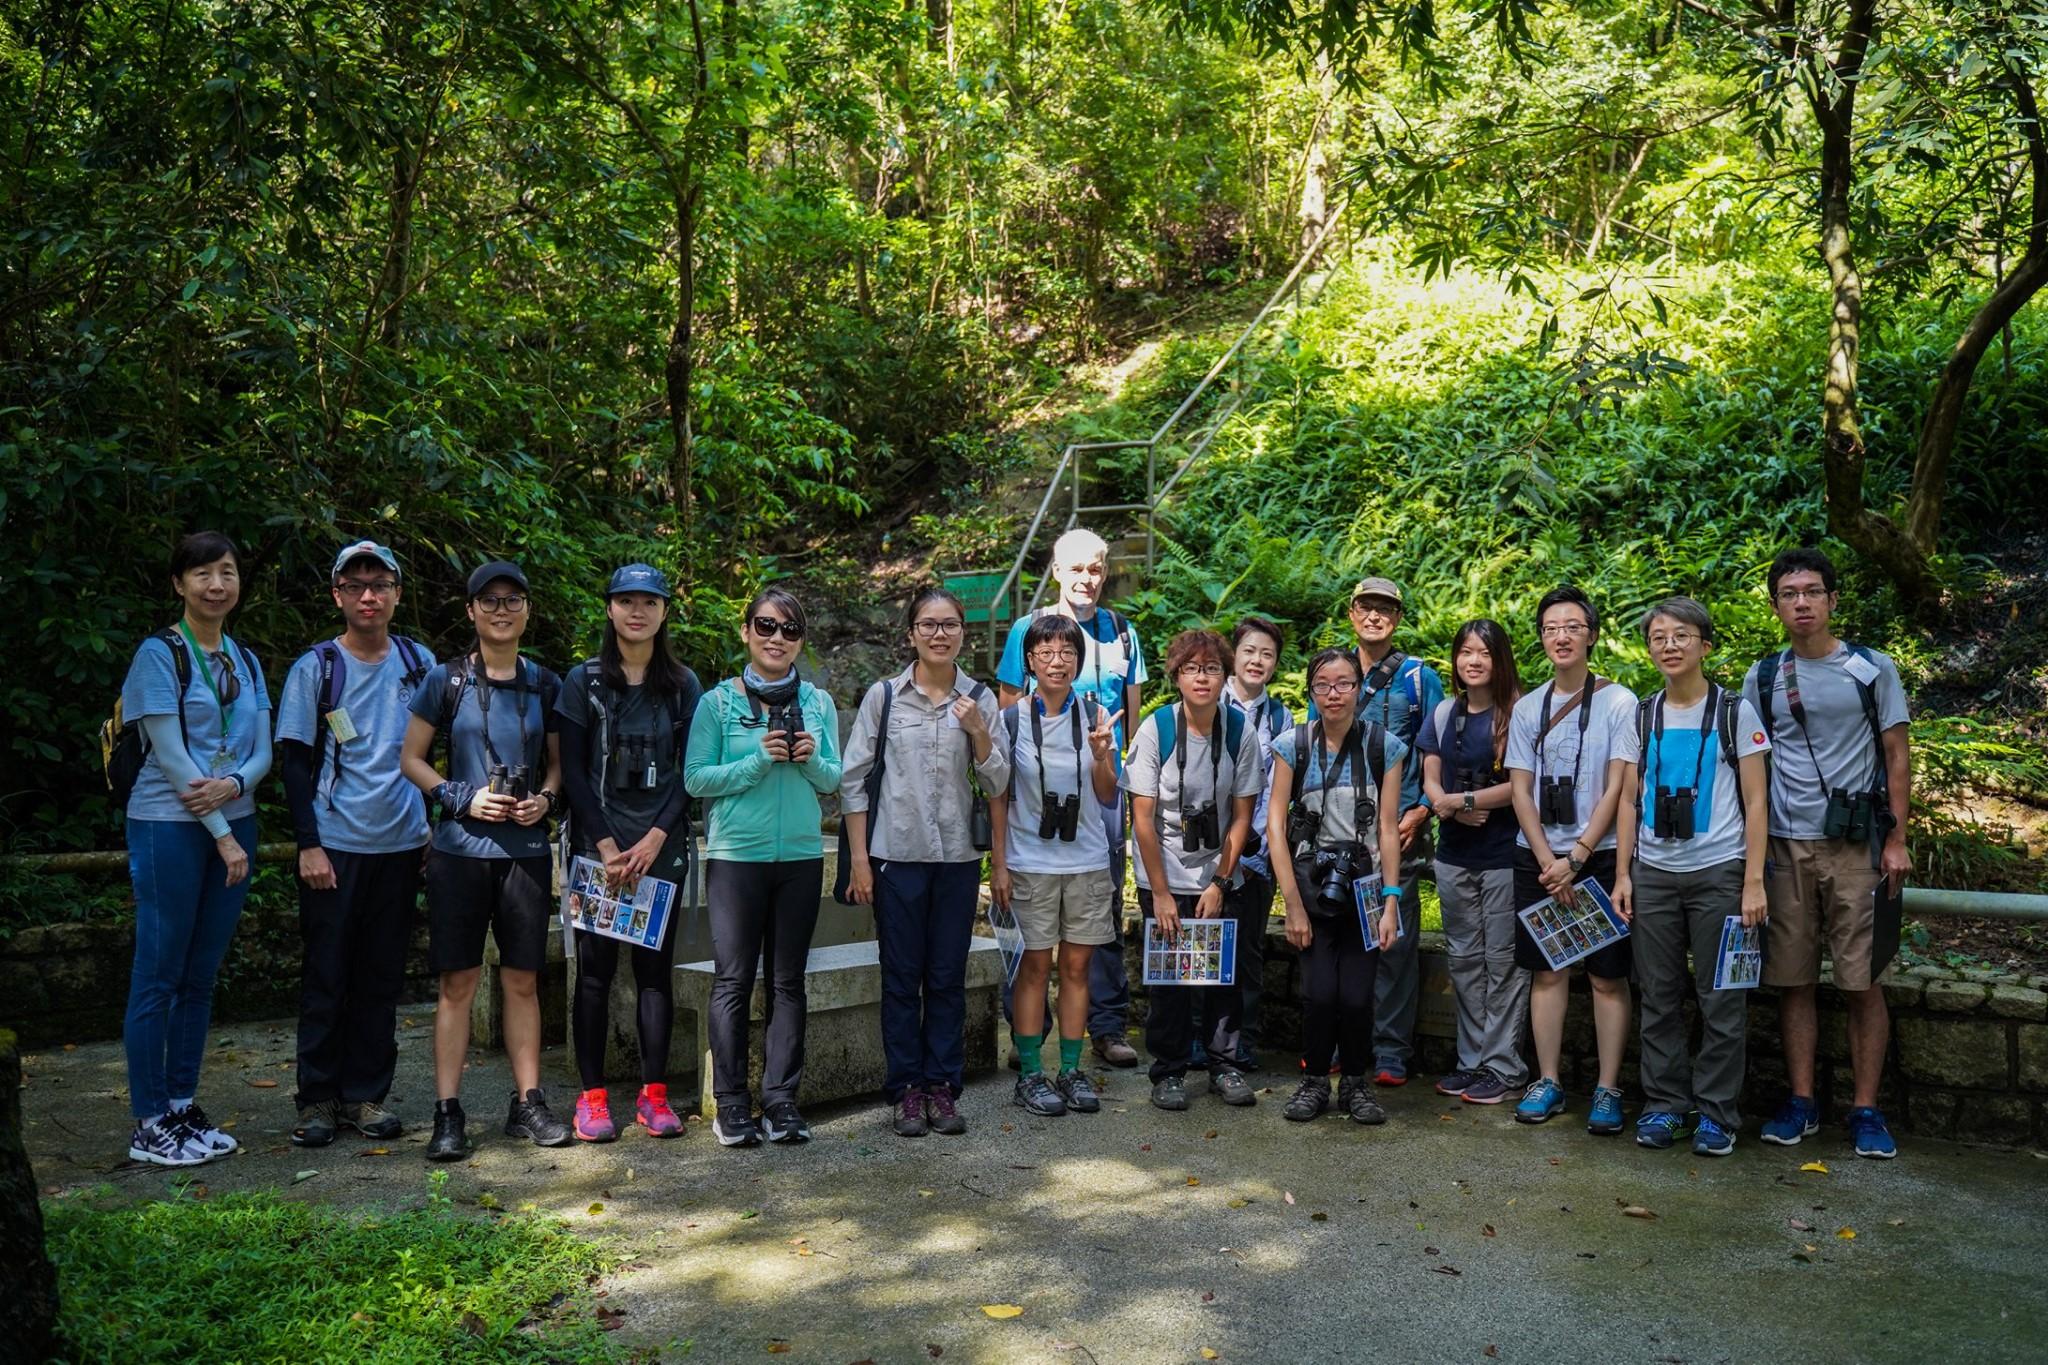 雀鳥調查組 Bird Survey Group